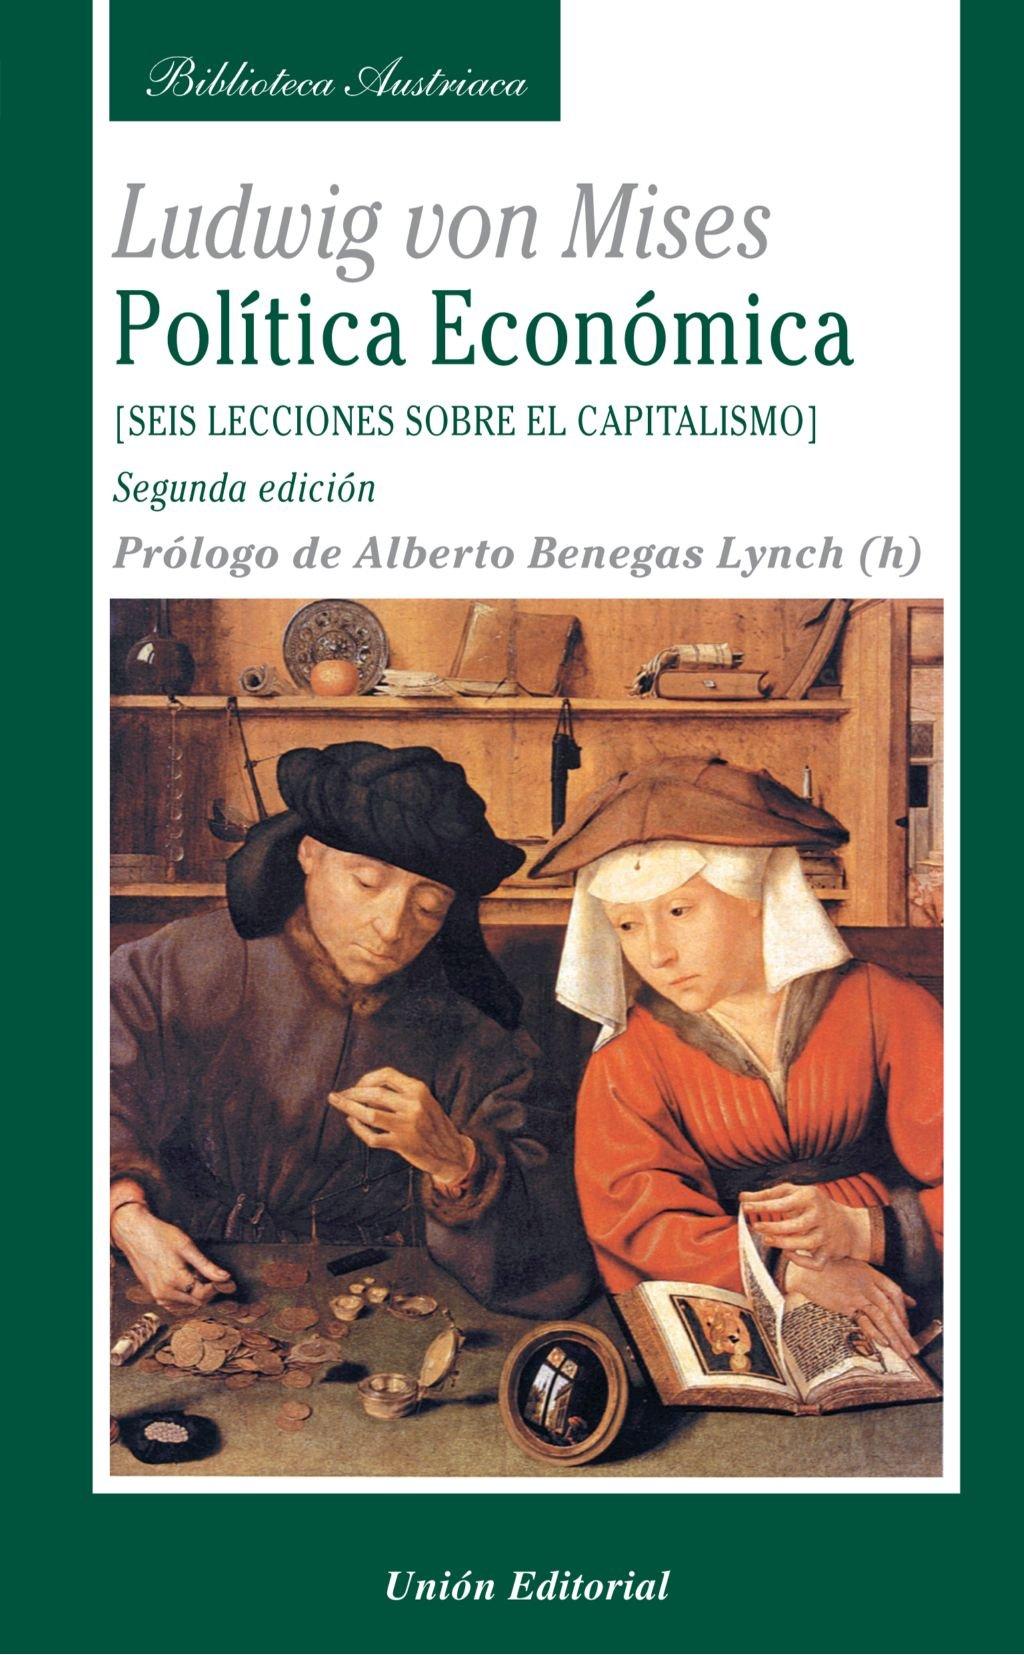 POLÍTICA ECONÓMICA. SEIS LECCIONES SOBRE EL CAPITALISMO (2.ª edición)